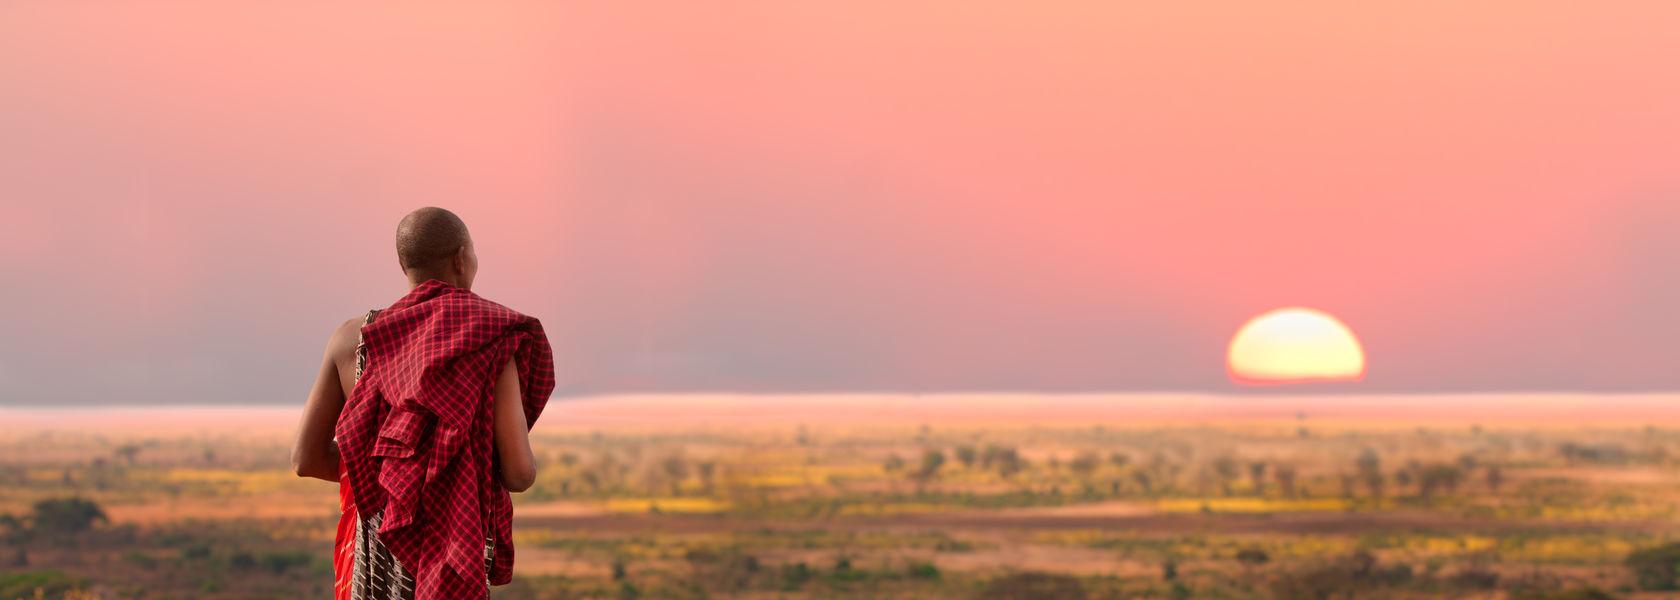 Tanzania safari met kinderen - Afrika reizen met kinderen